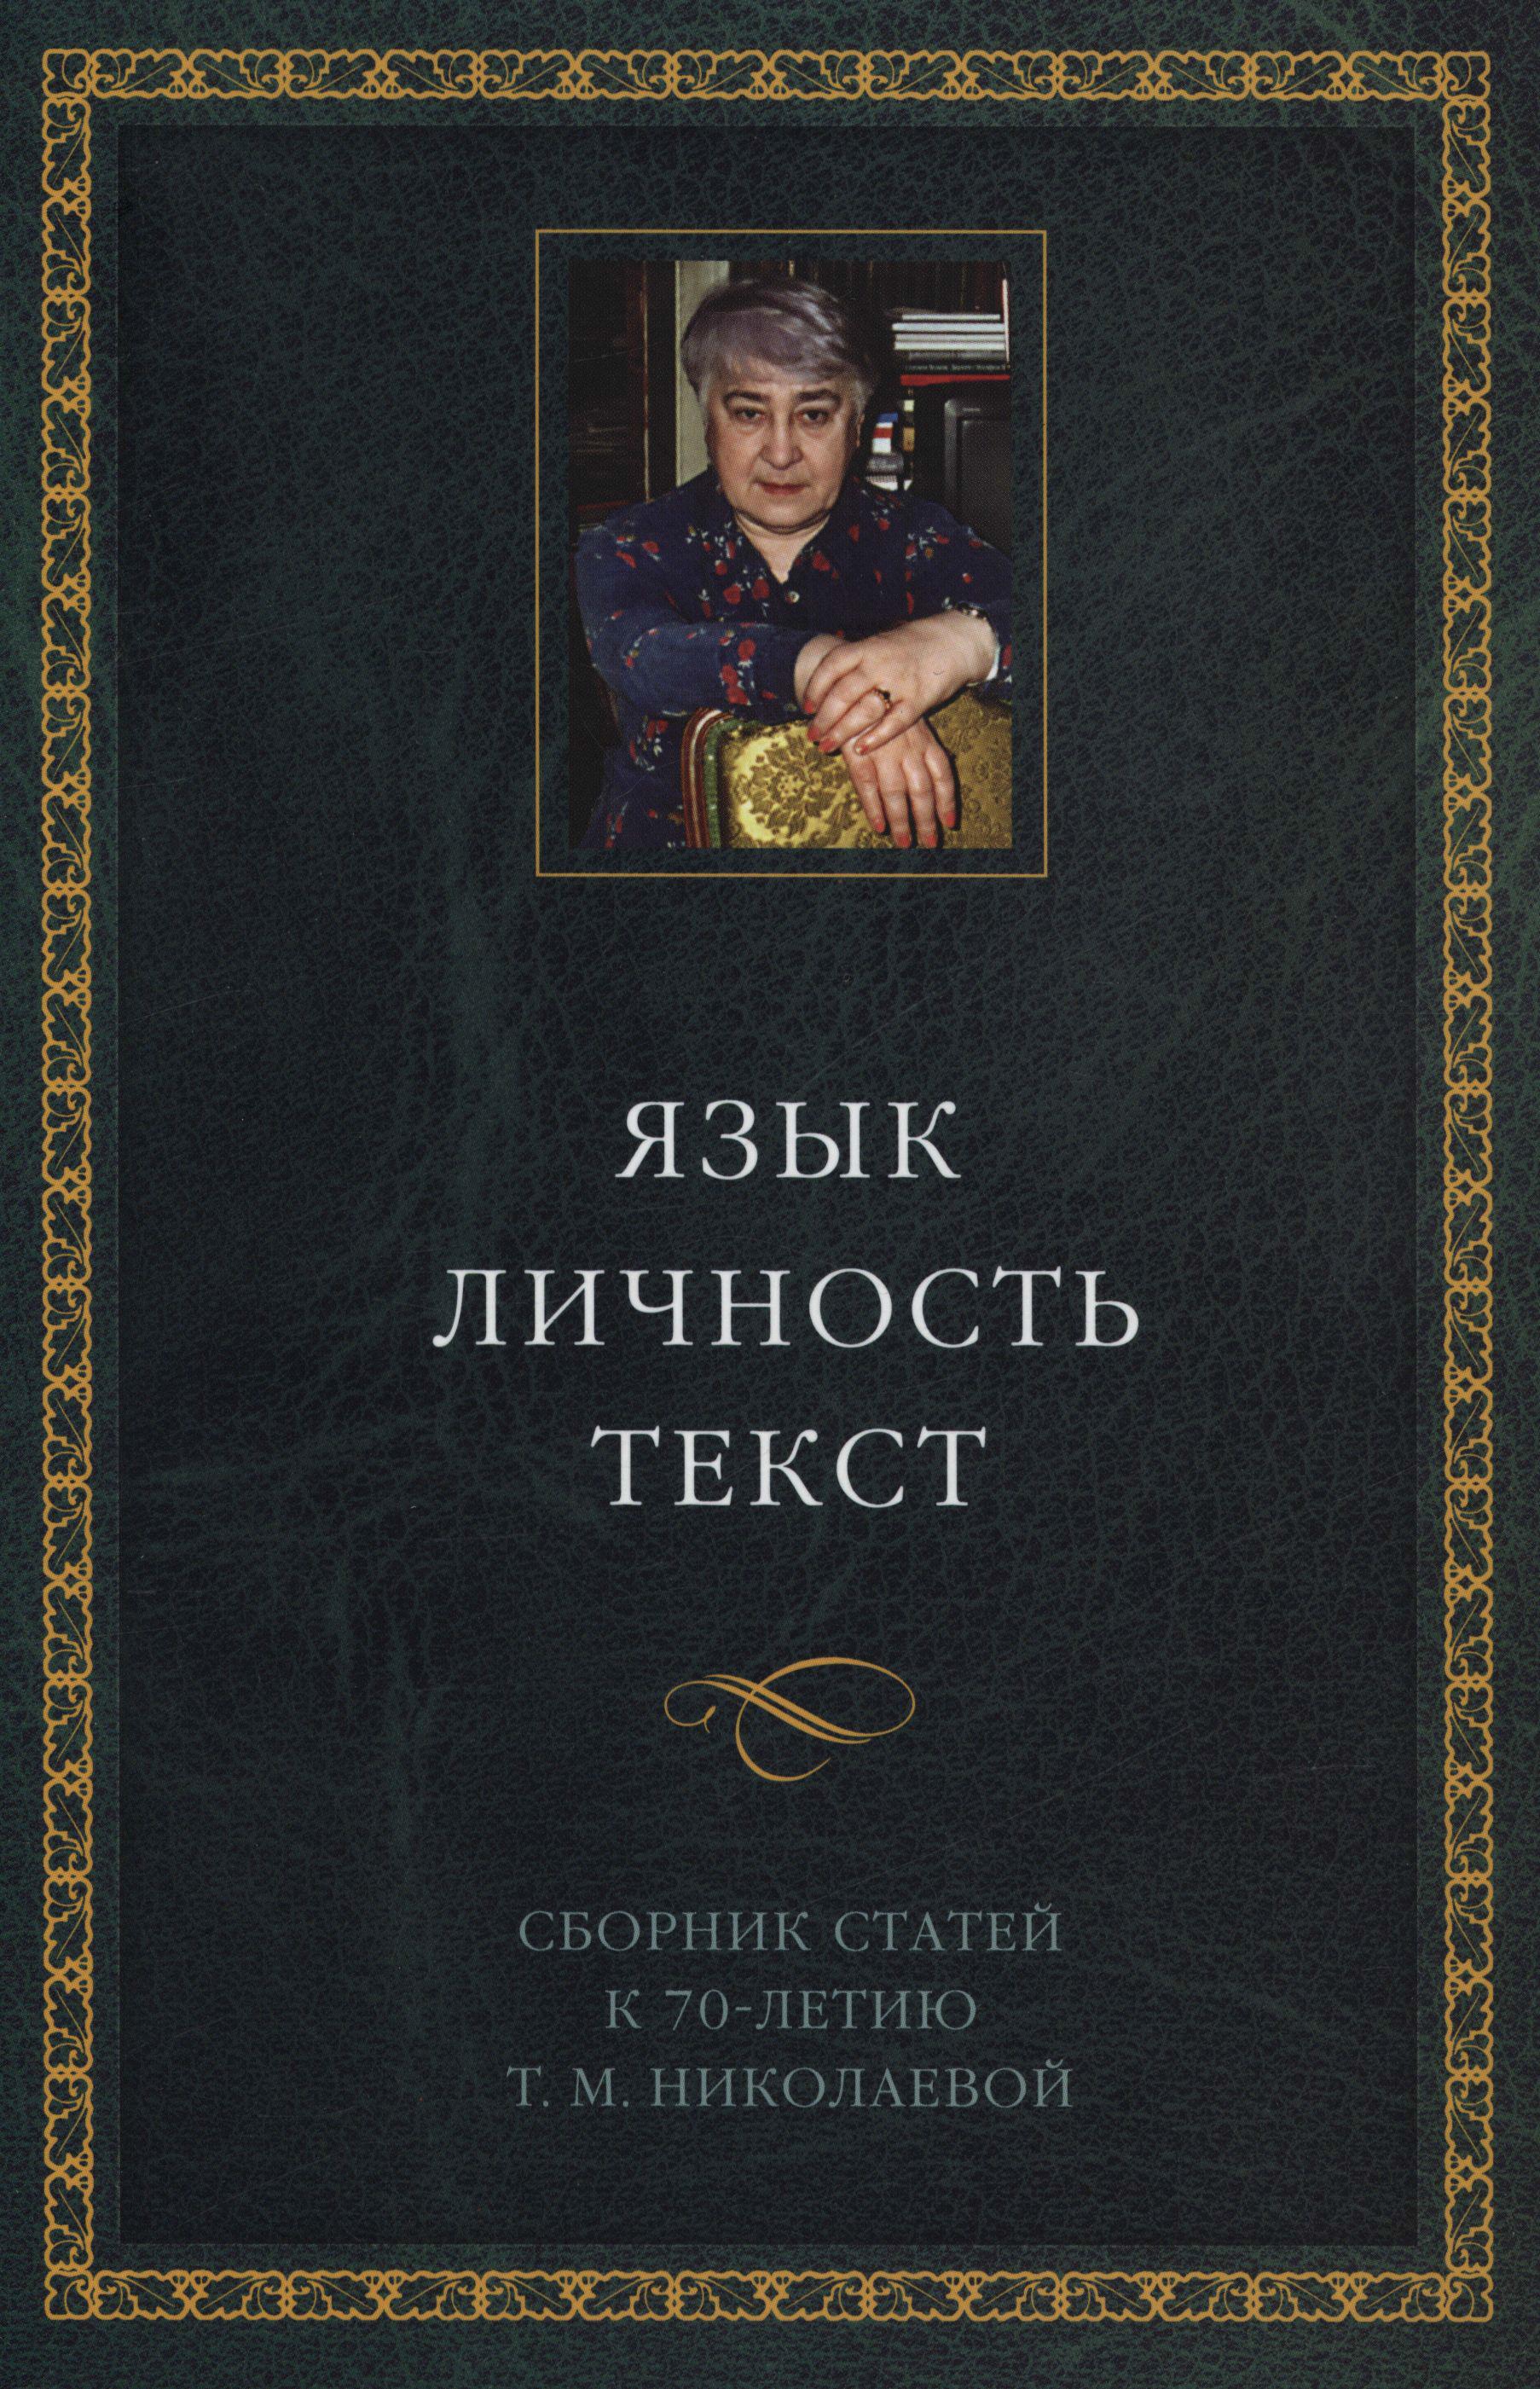 Язык. Личность. Текст. Сборник статей в честь Т. М. Николаевой